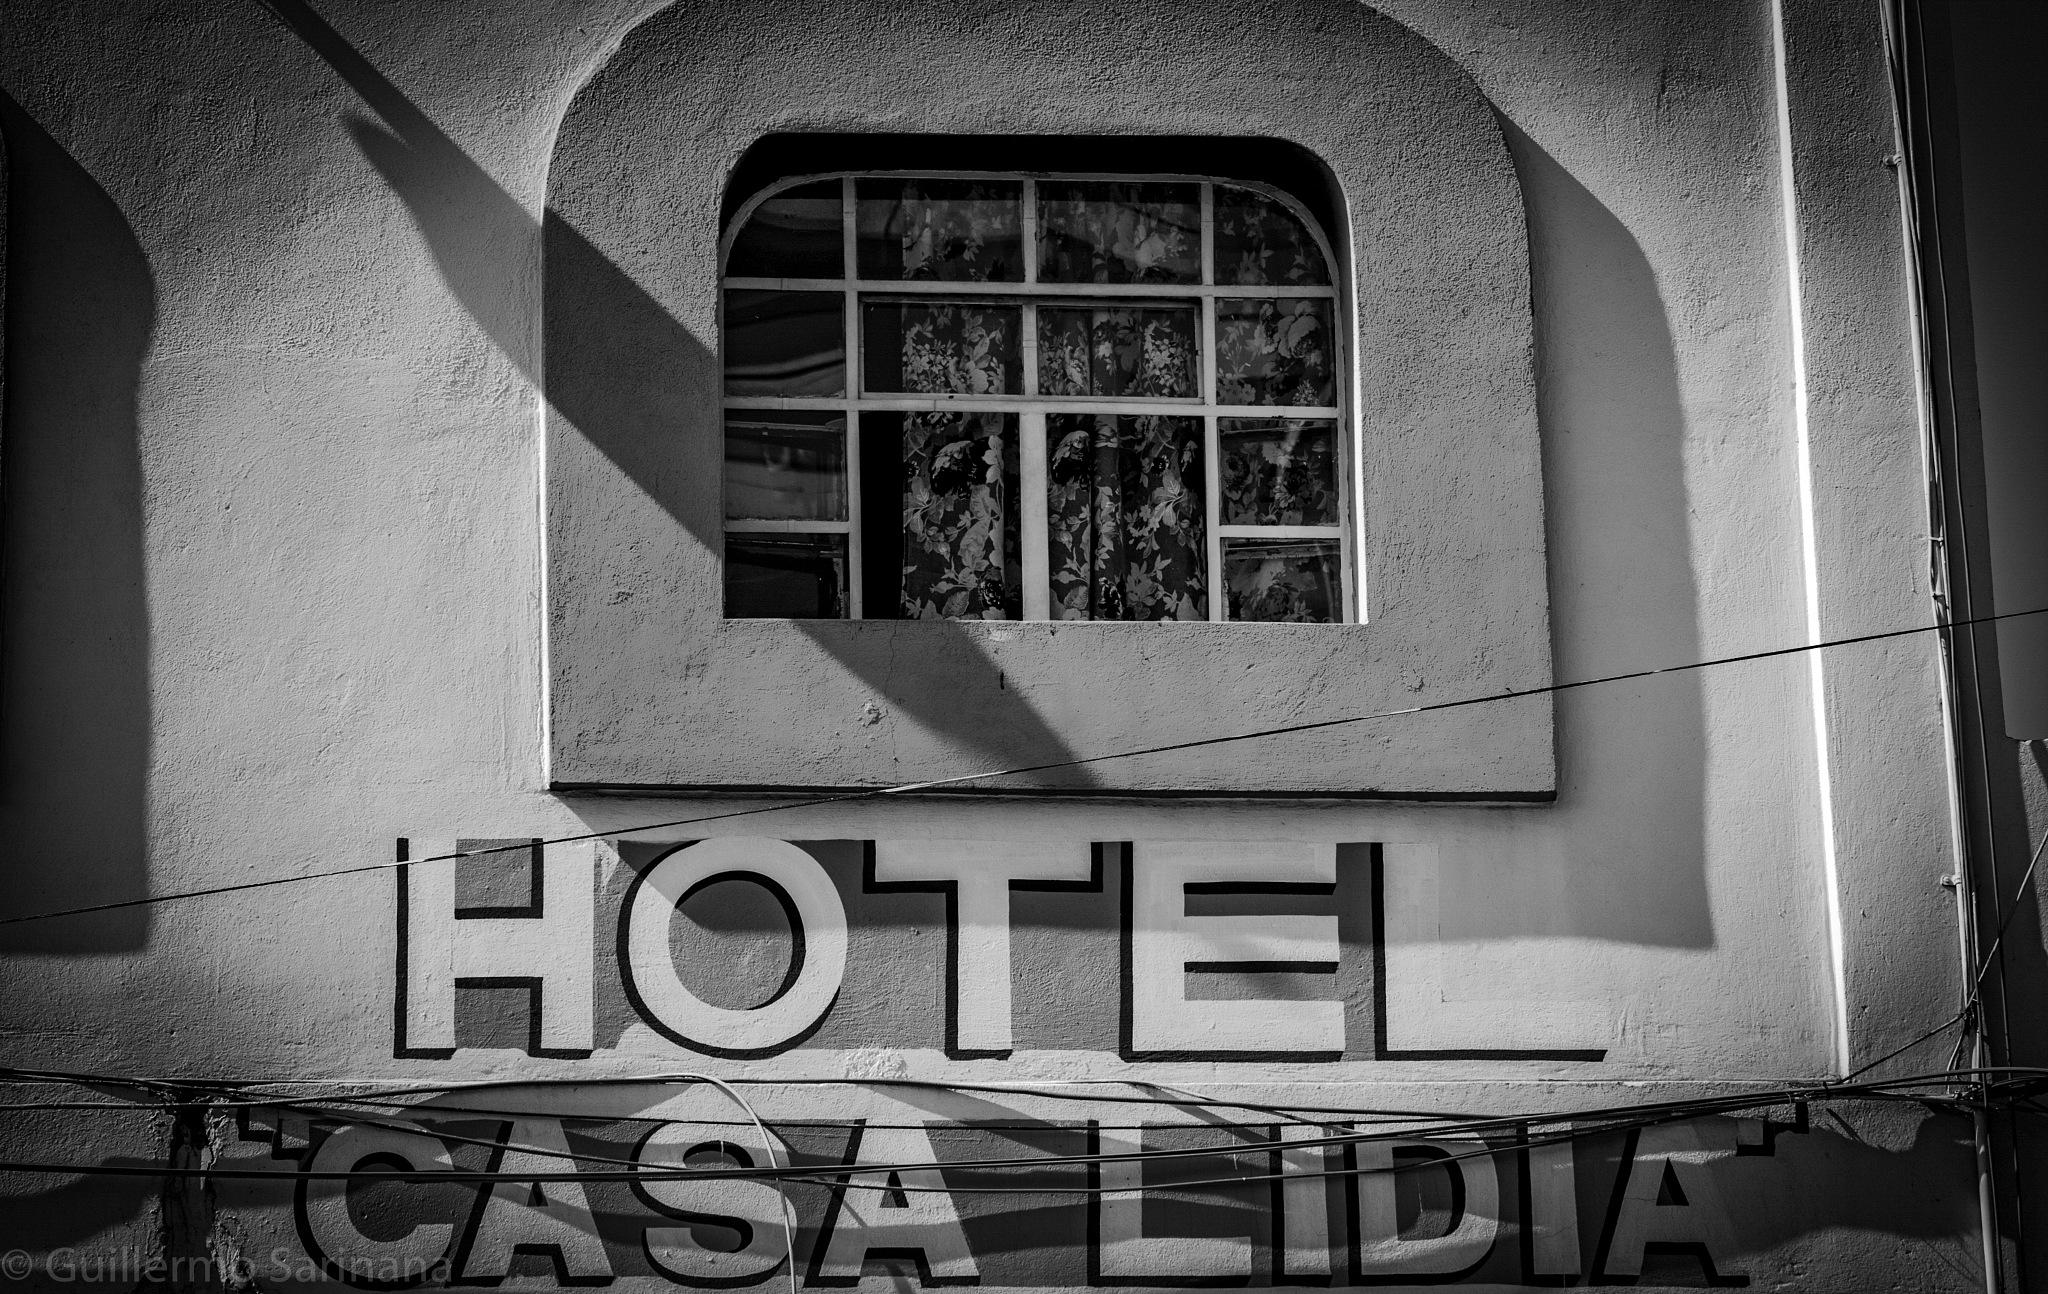 Windows by Guillermo Sariñana Siller